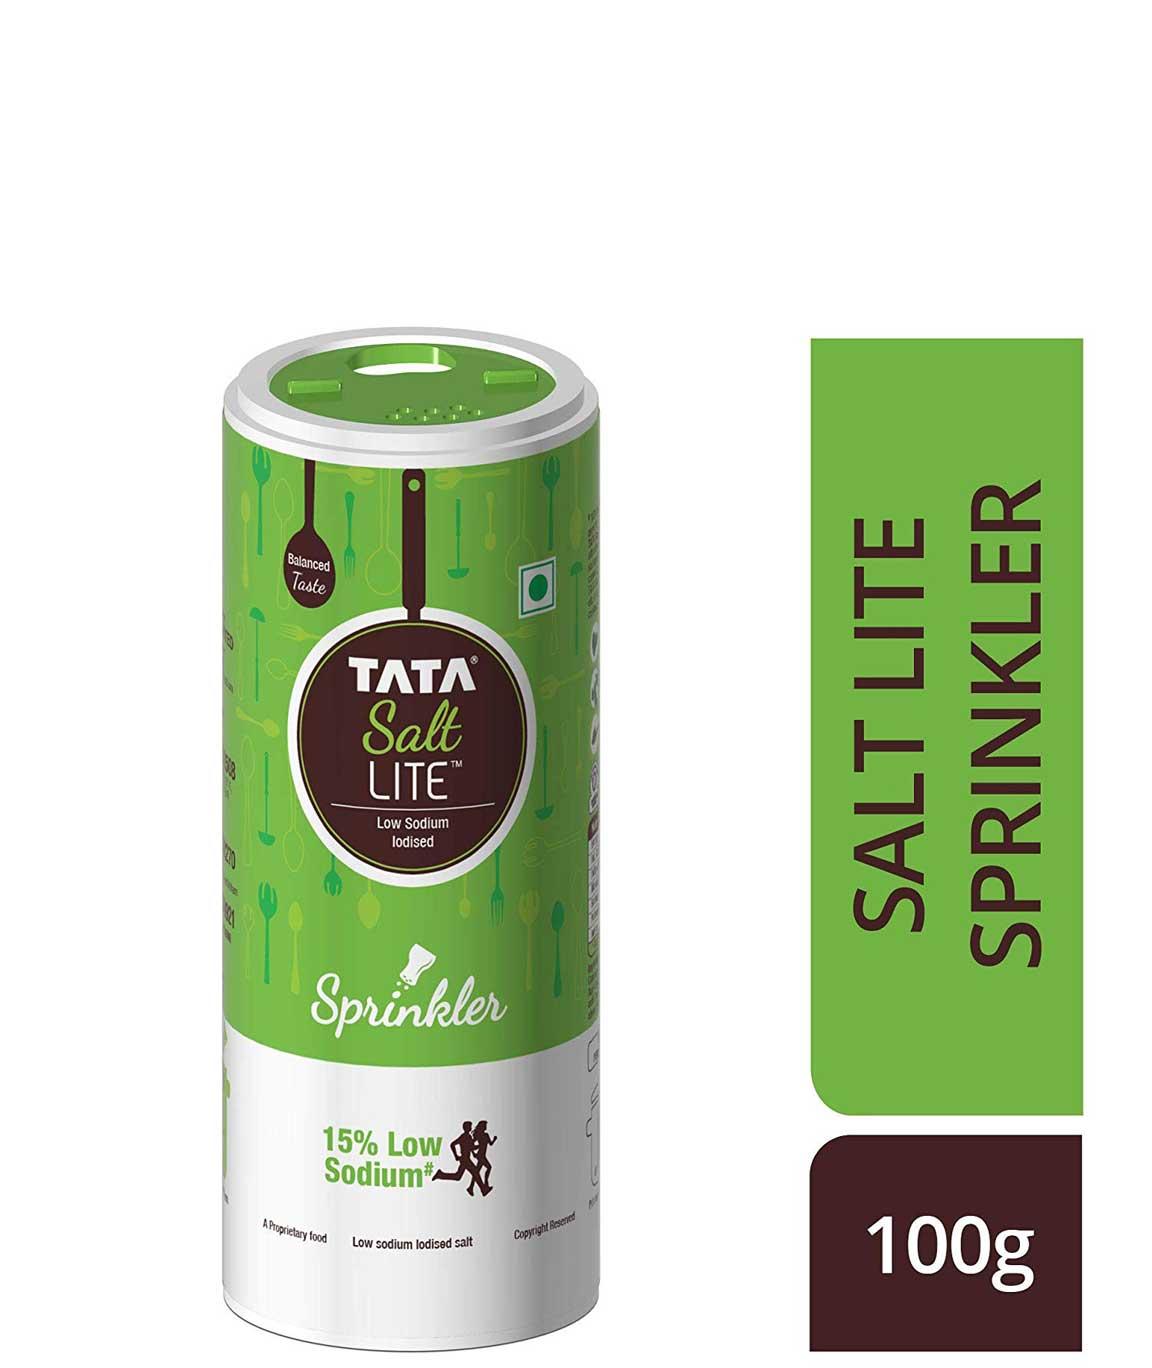 Tata Salt Lite Sprinkler, 100g